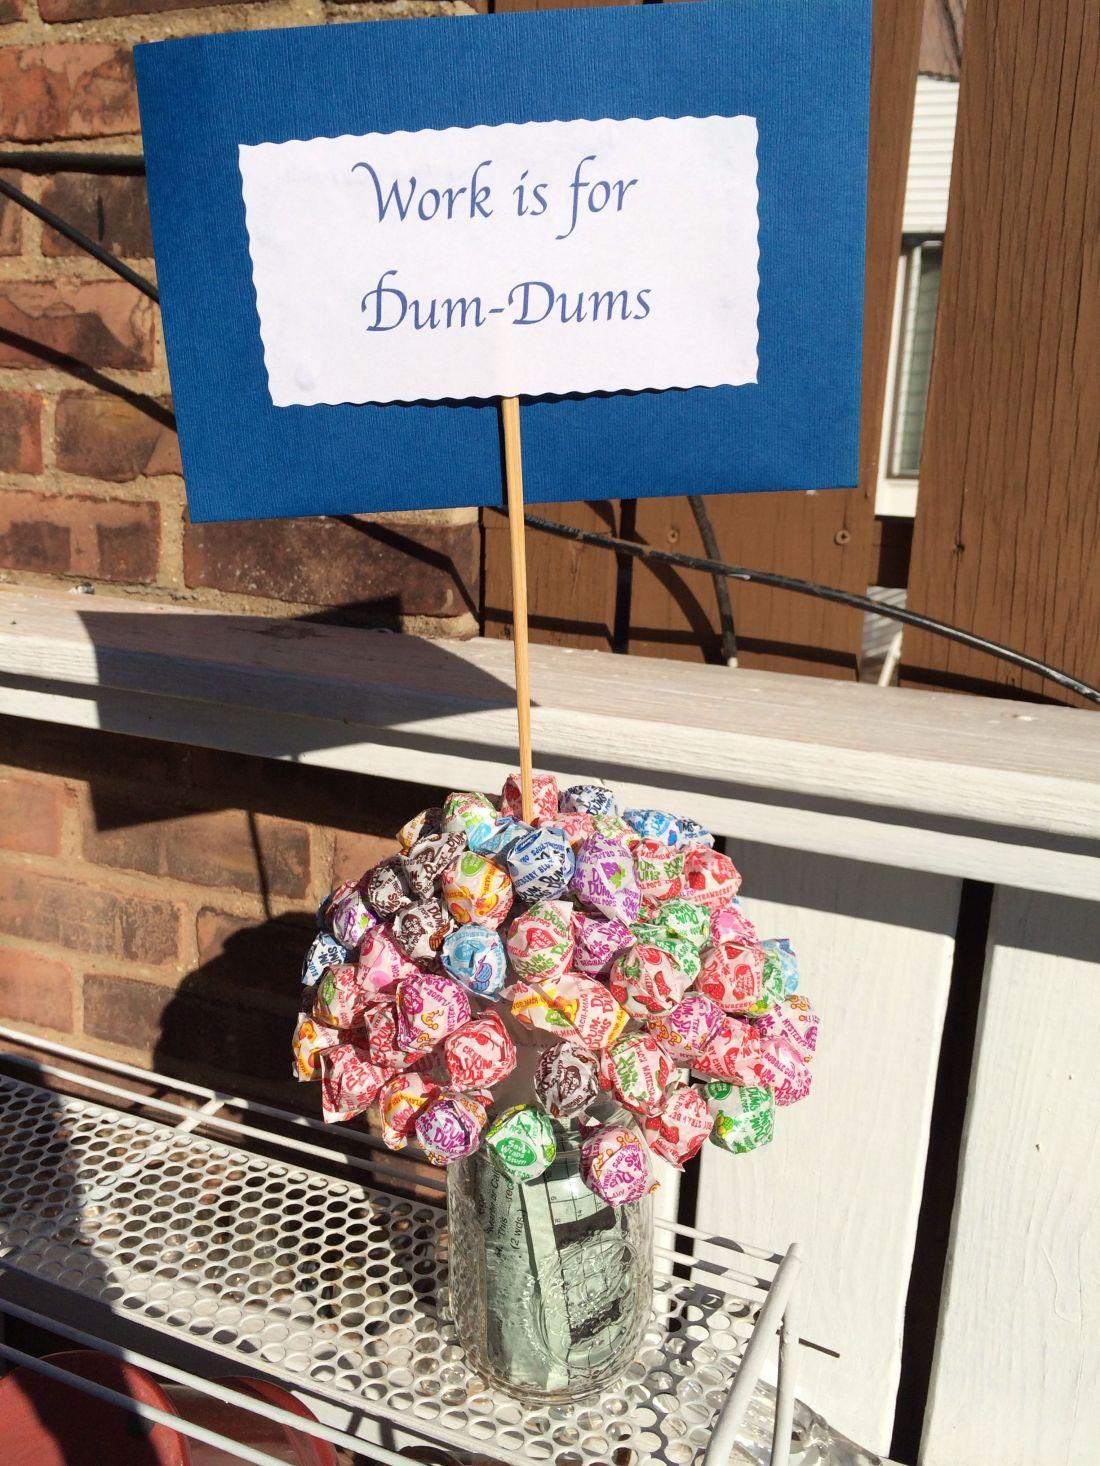 Diy crossworddumdums centerpiece for my aunts retirement